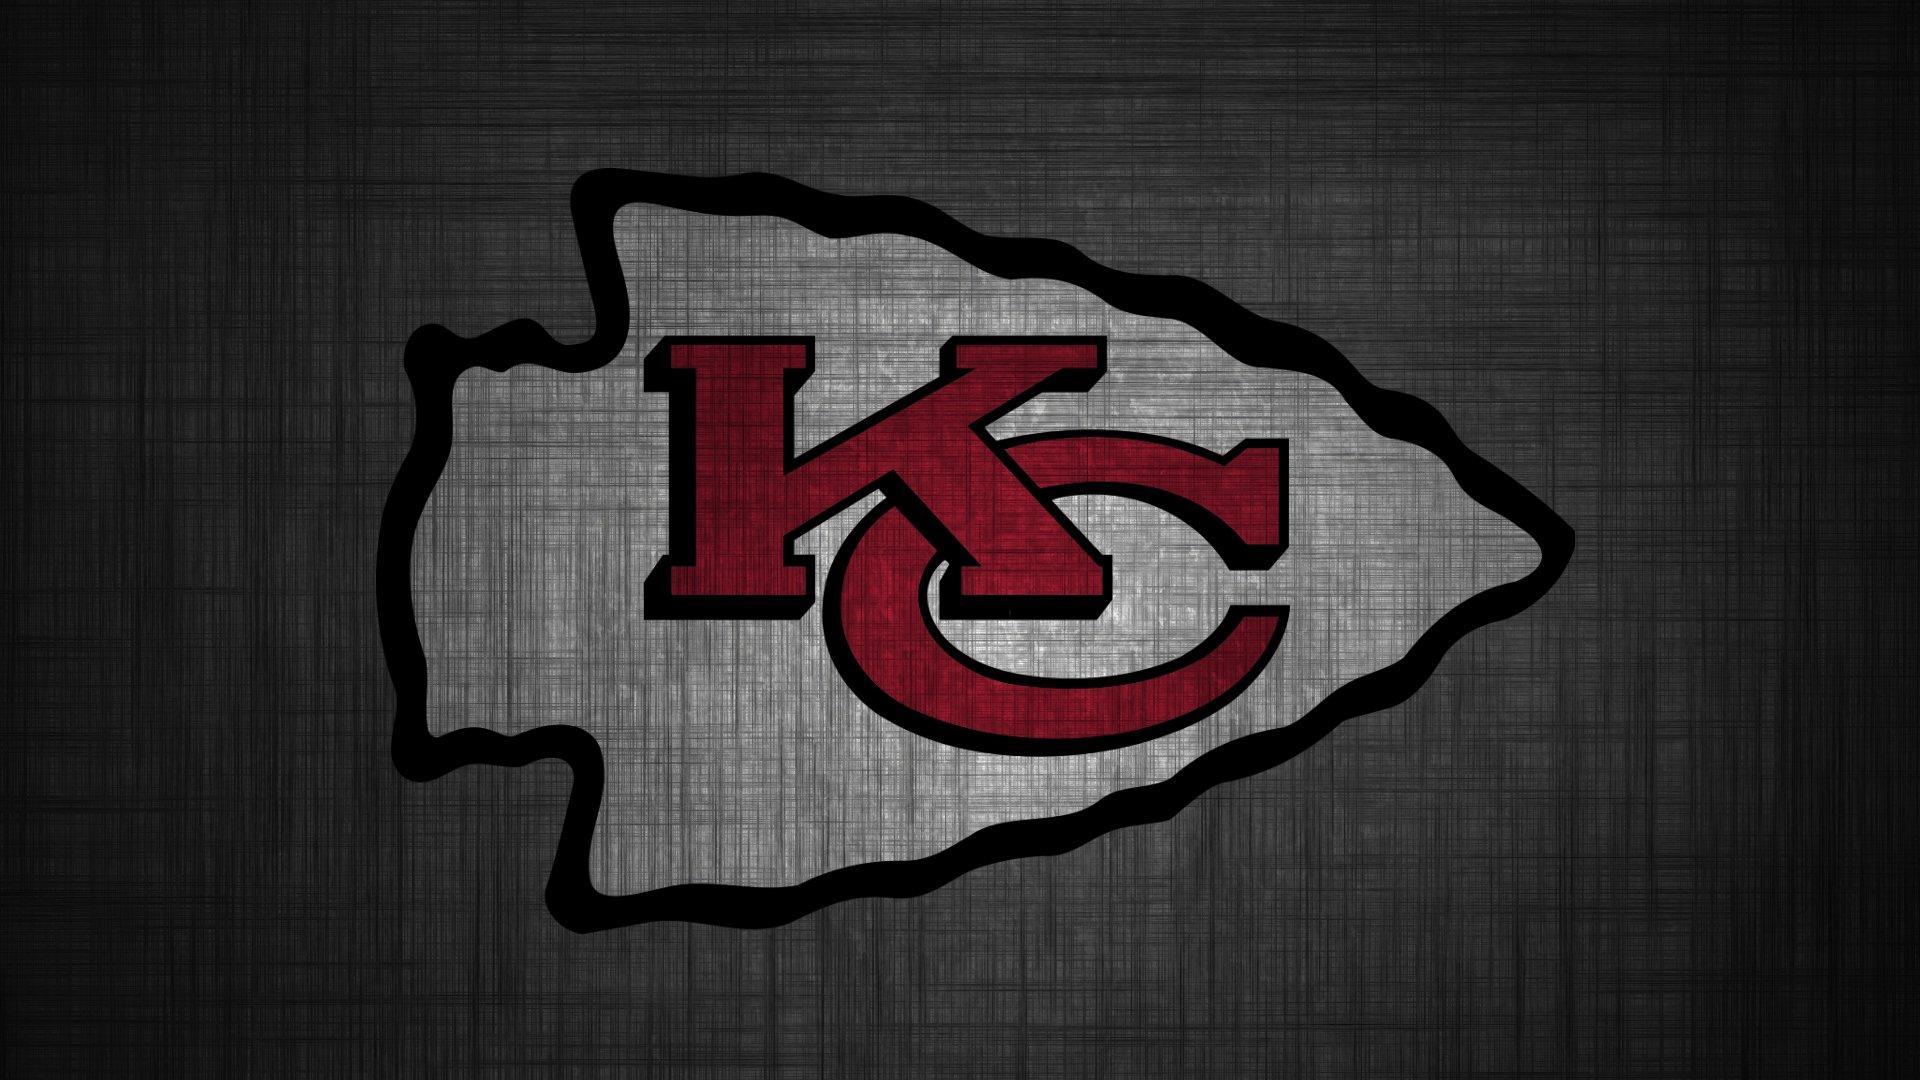 kc chiefs wallpaper  9 HD Kansas City Chiefs Wallpapers